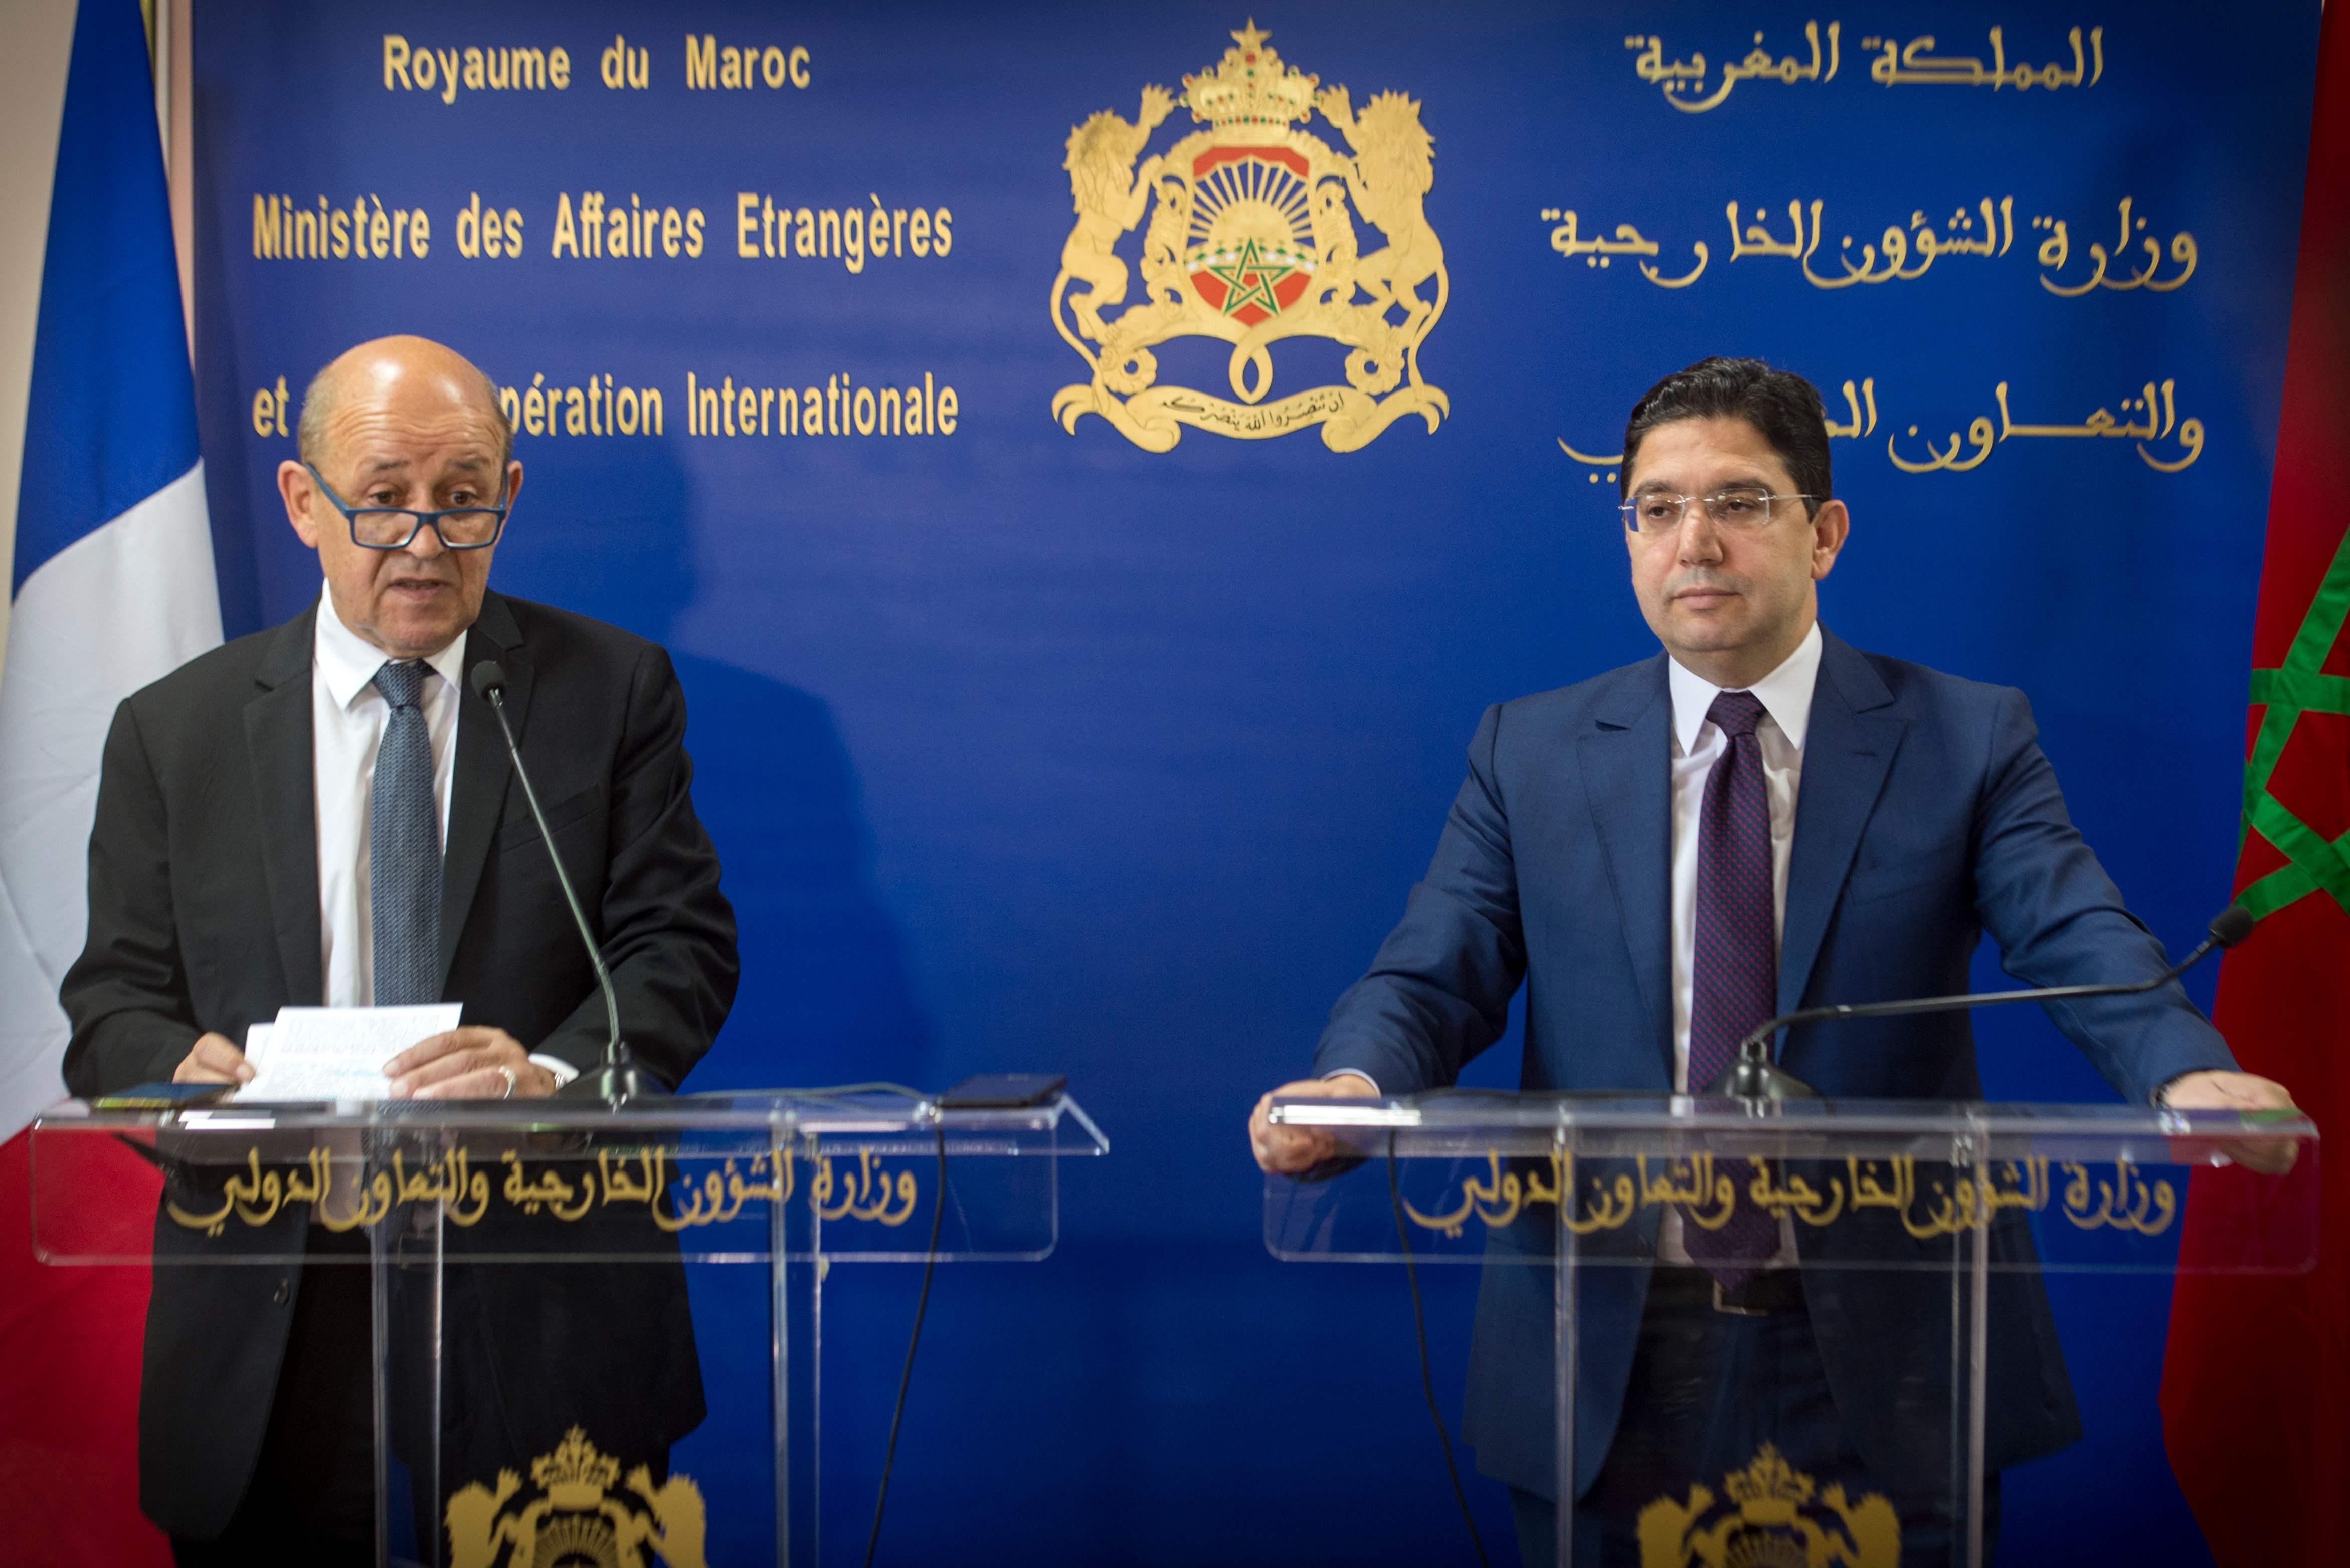 Nasser Bourita : Le Maroc voit dans le prochain Parlement européen plus d'opportunités que de défis